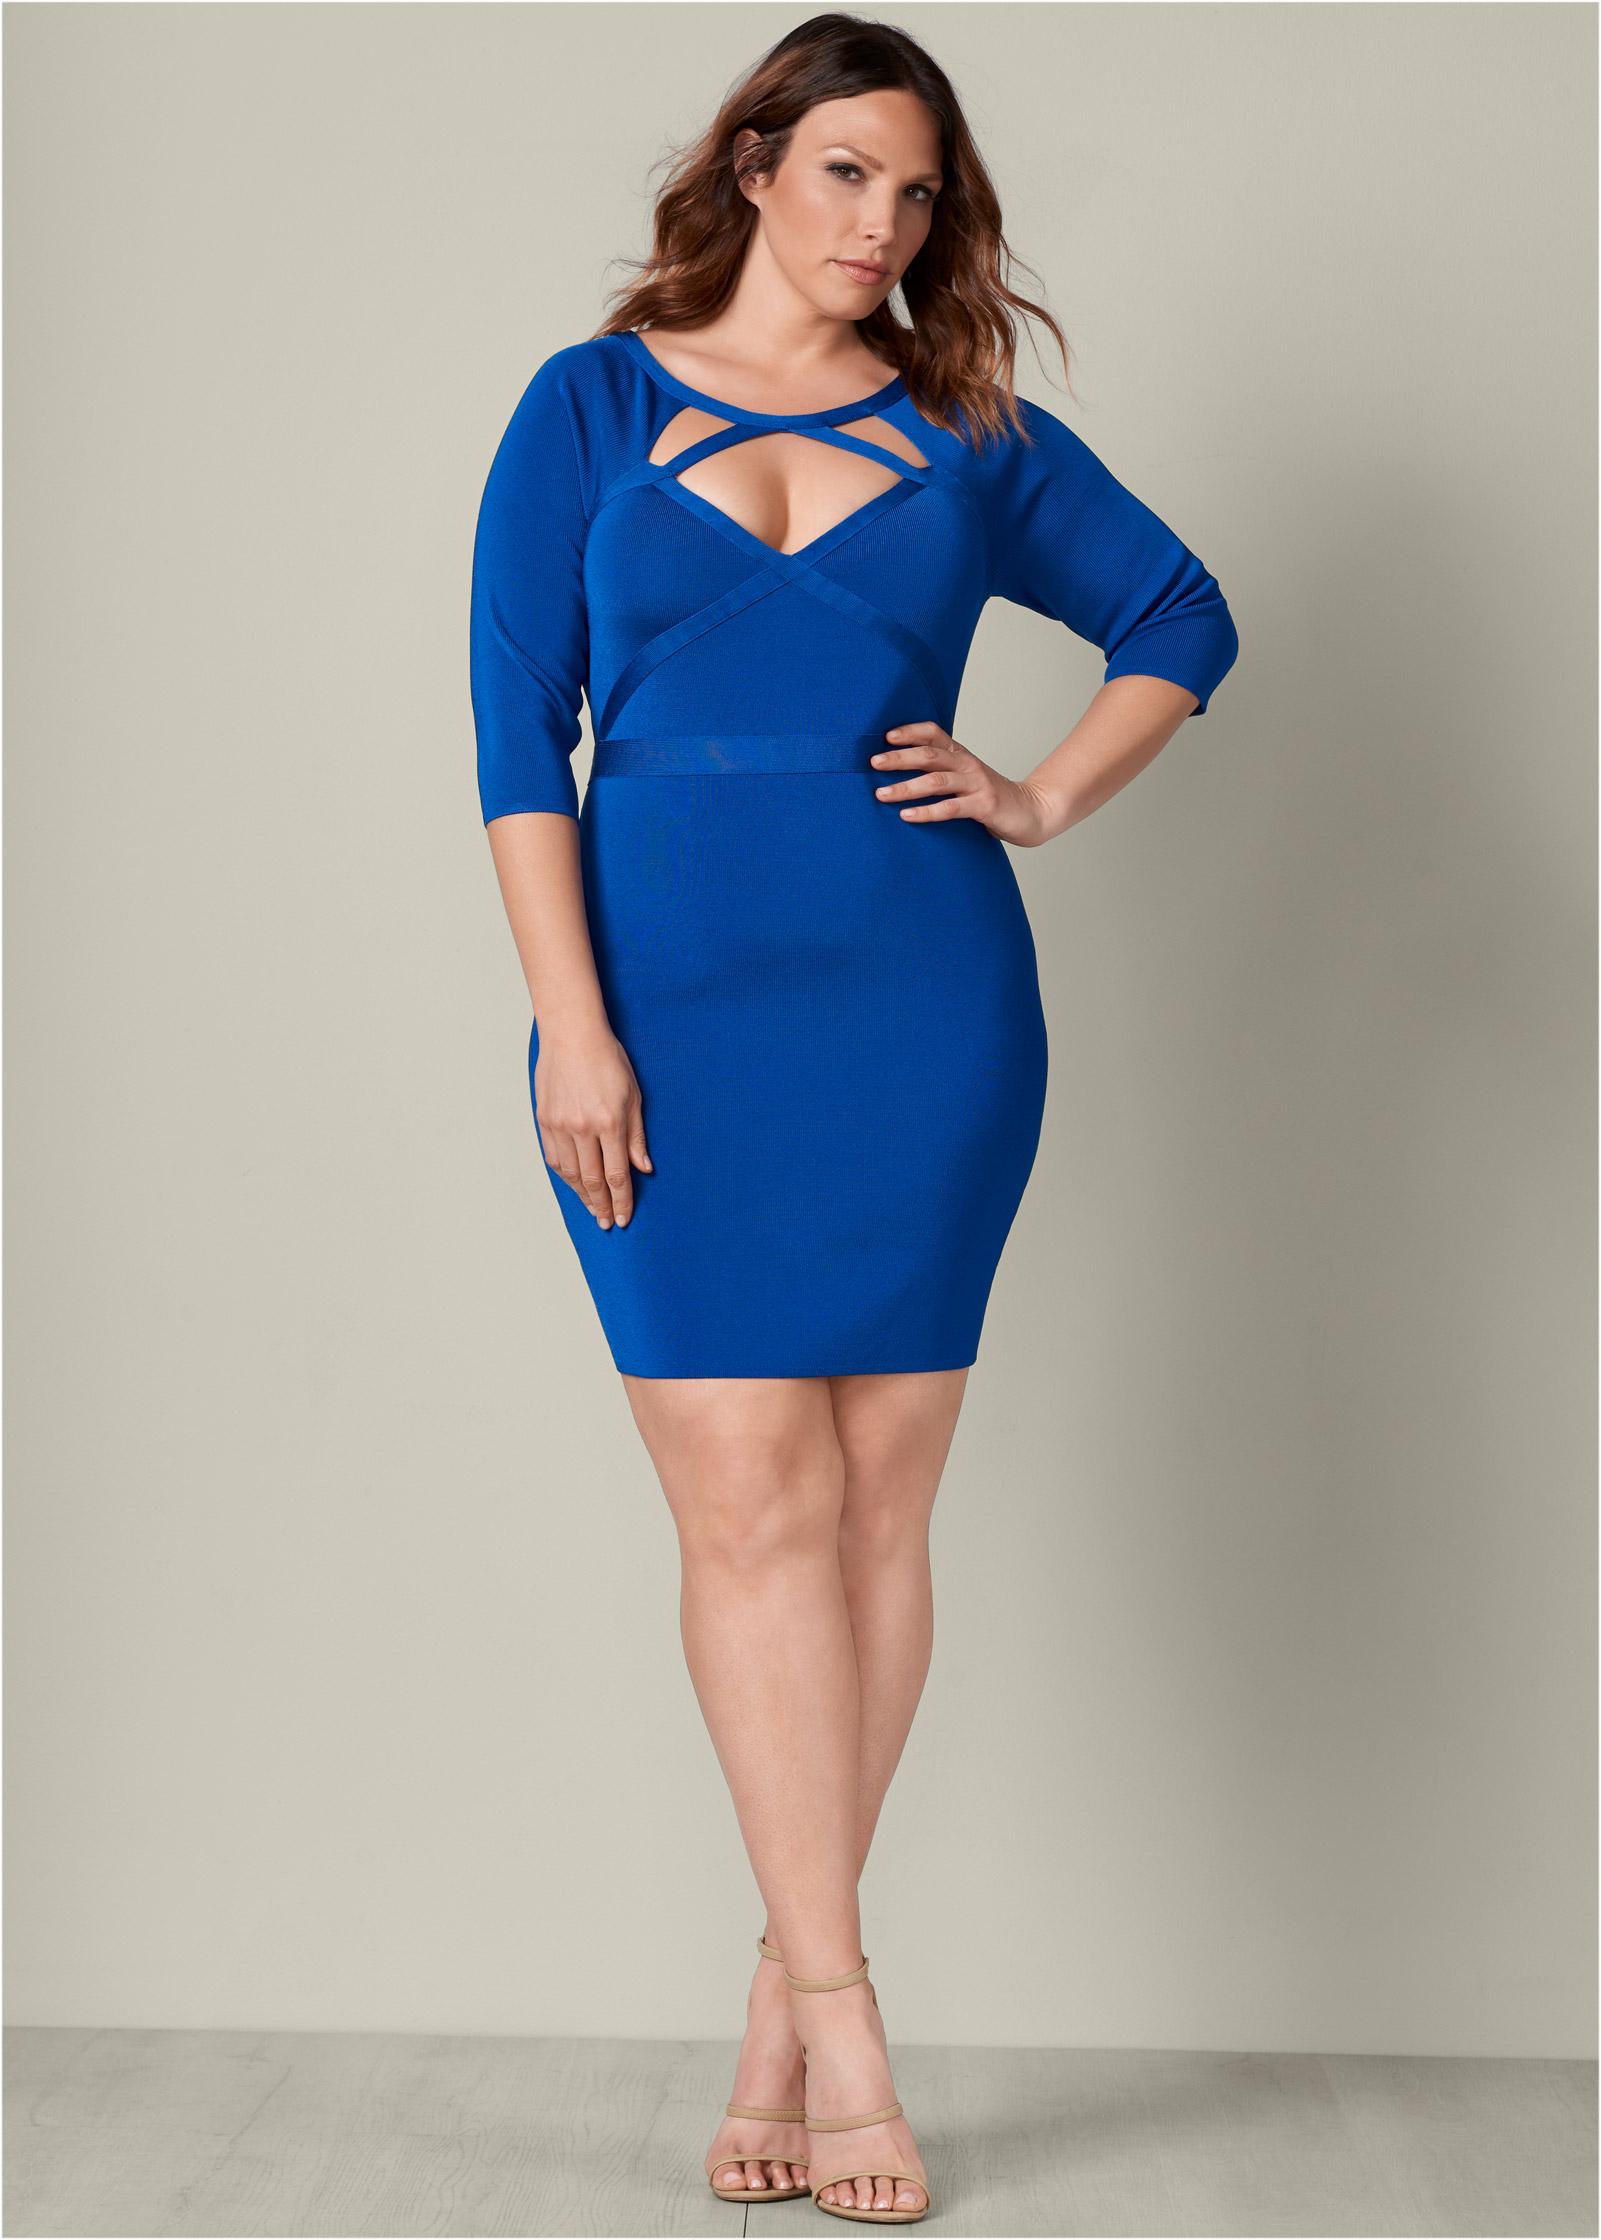 Plus Size Cut Out Dress